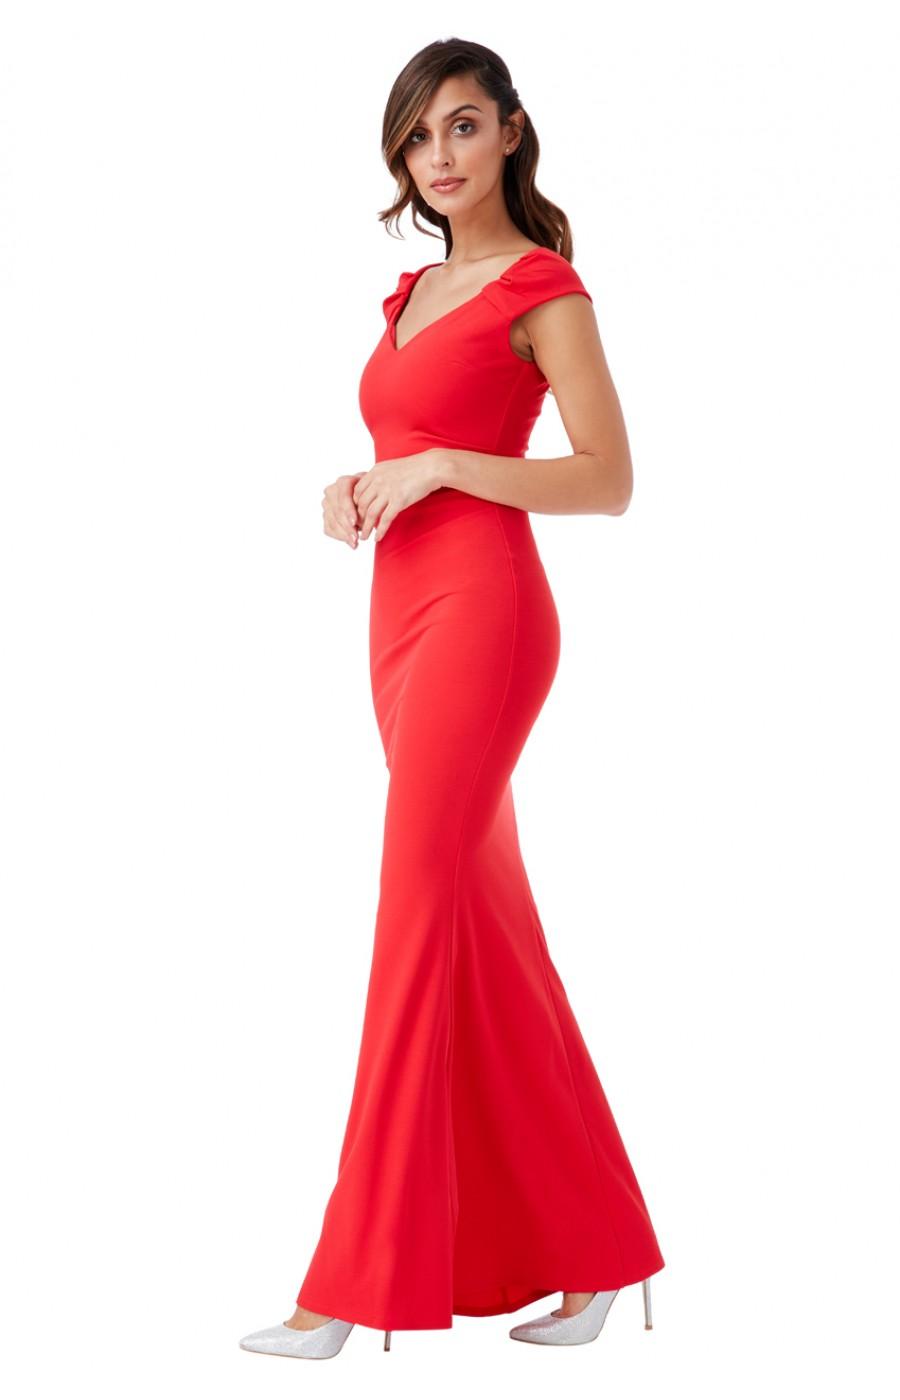 Μακρύ κόκκινο φόρεμα